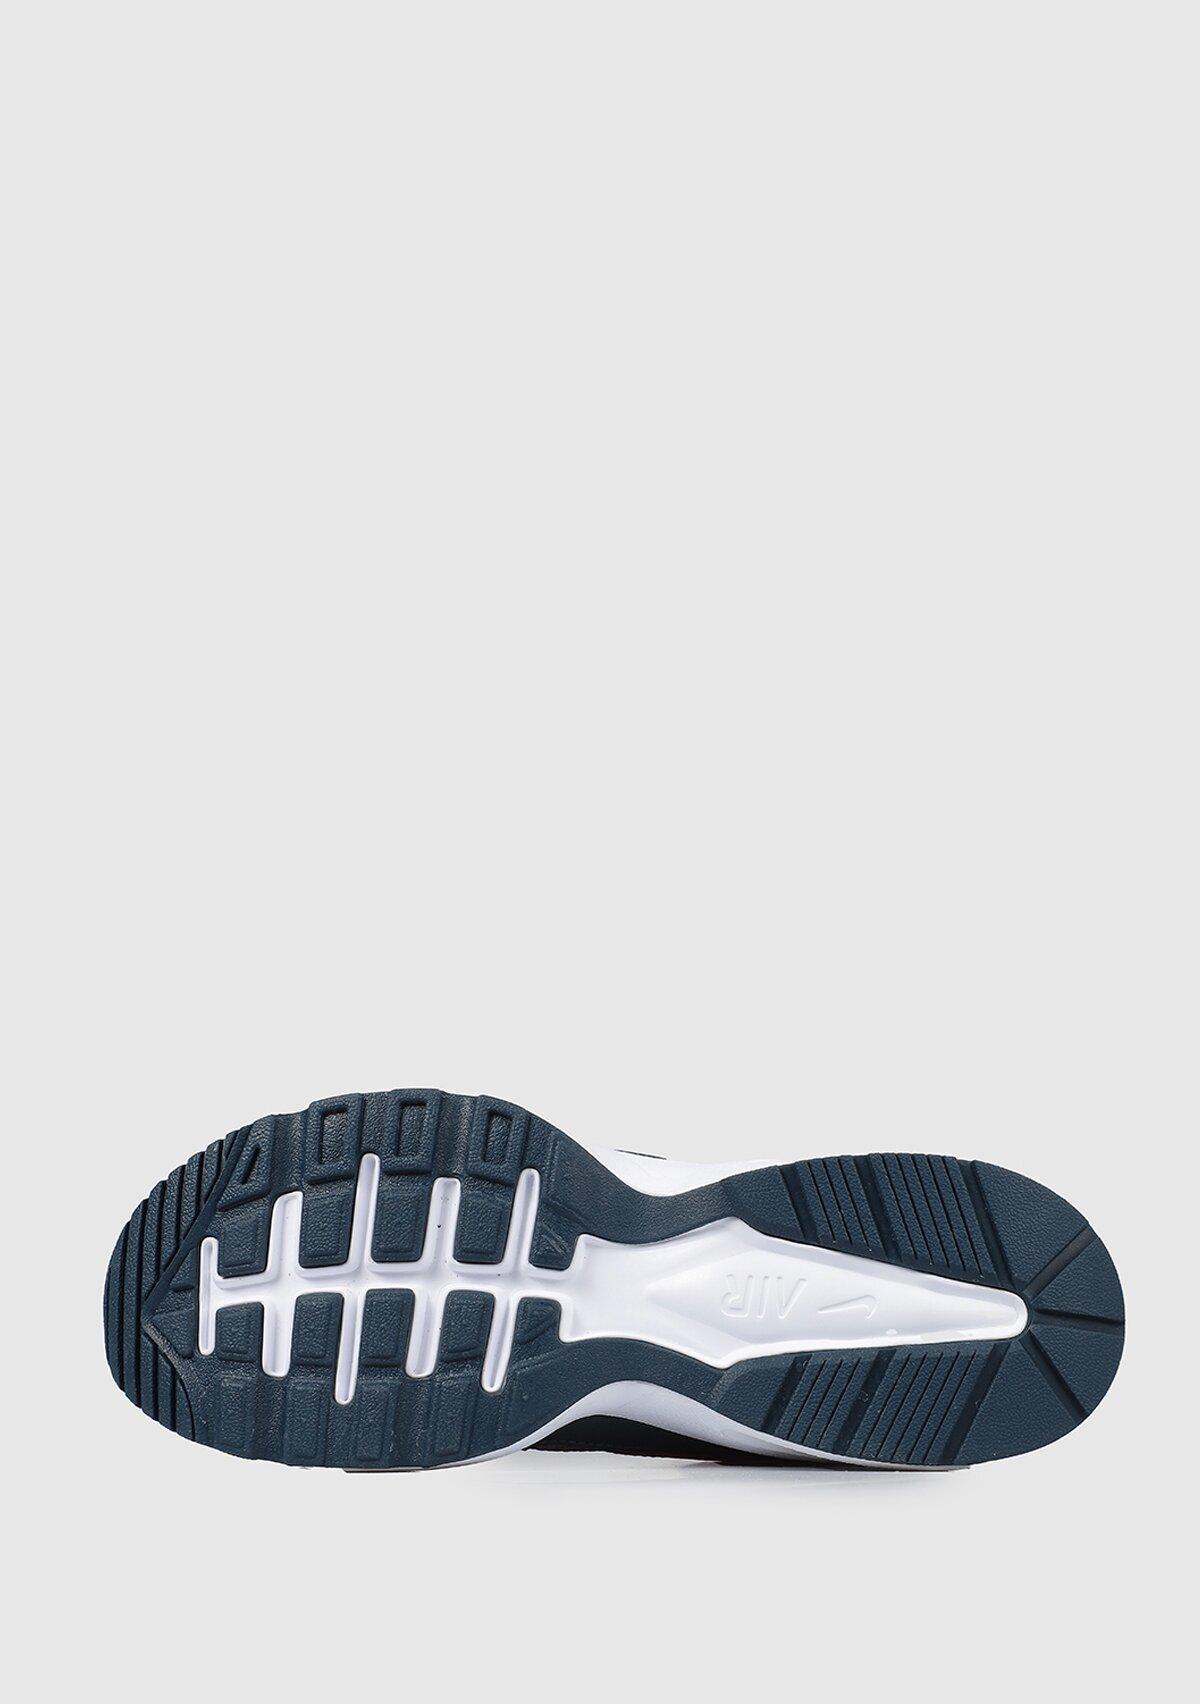 resm Air Max Fusion Kadın Spor Ayakkabı 2000Cj3824400